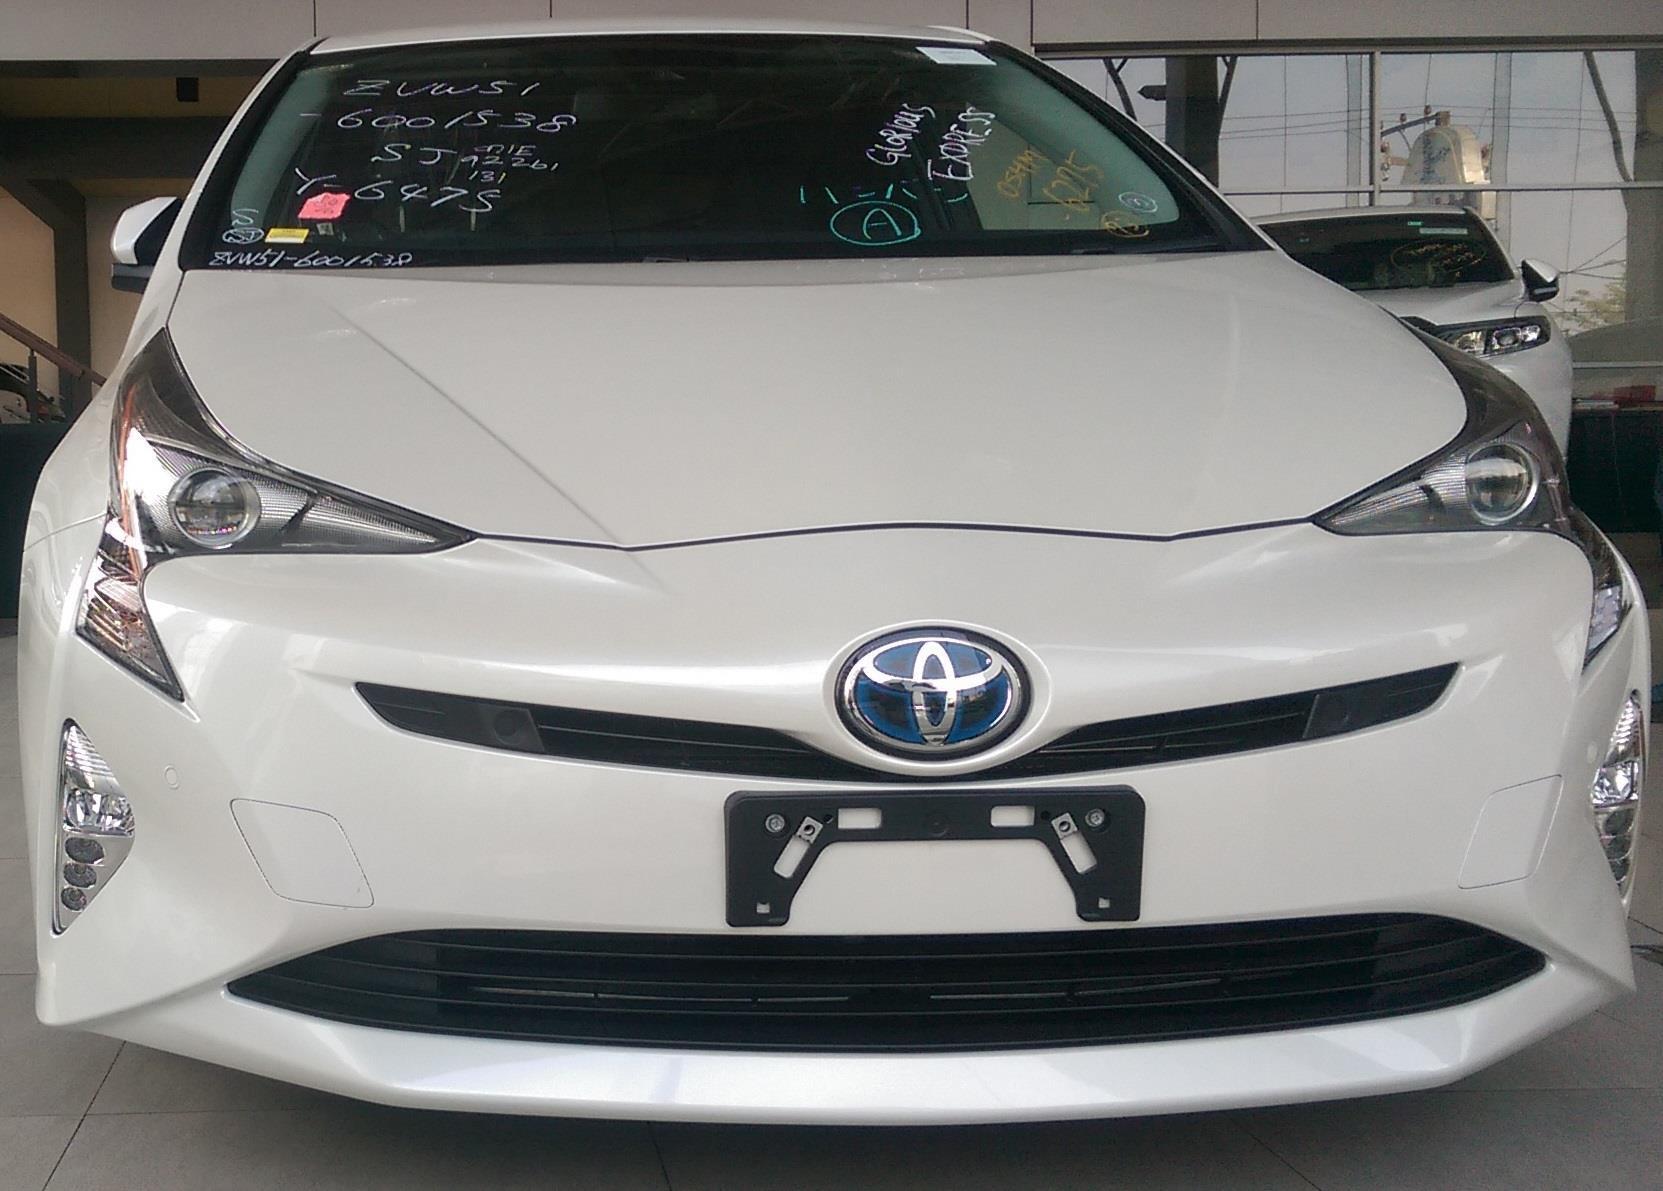 Toyota chậm thay đổi, xe sang bị chê xấu như cá Piranha Ảnh 6